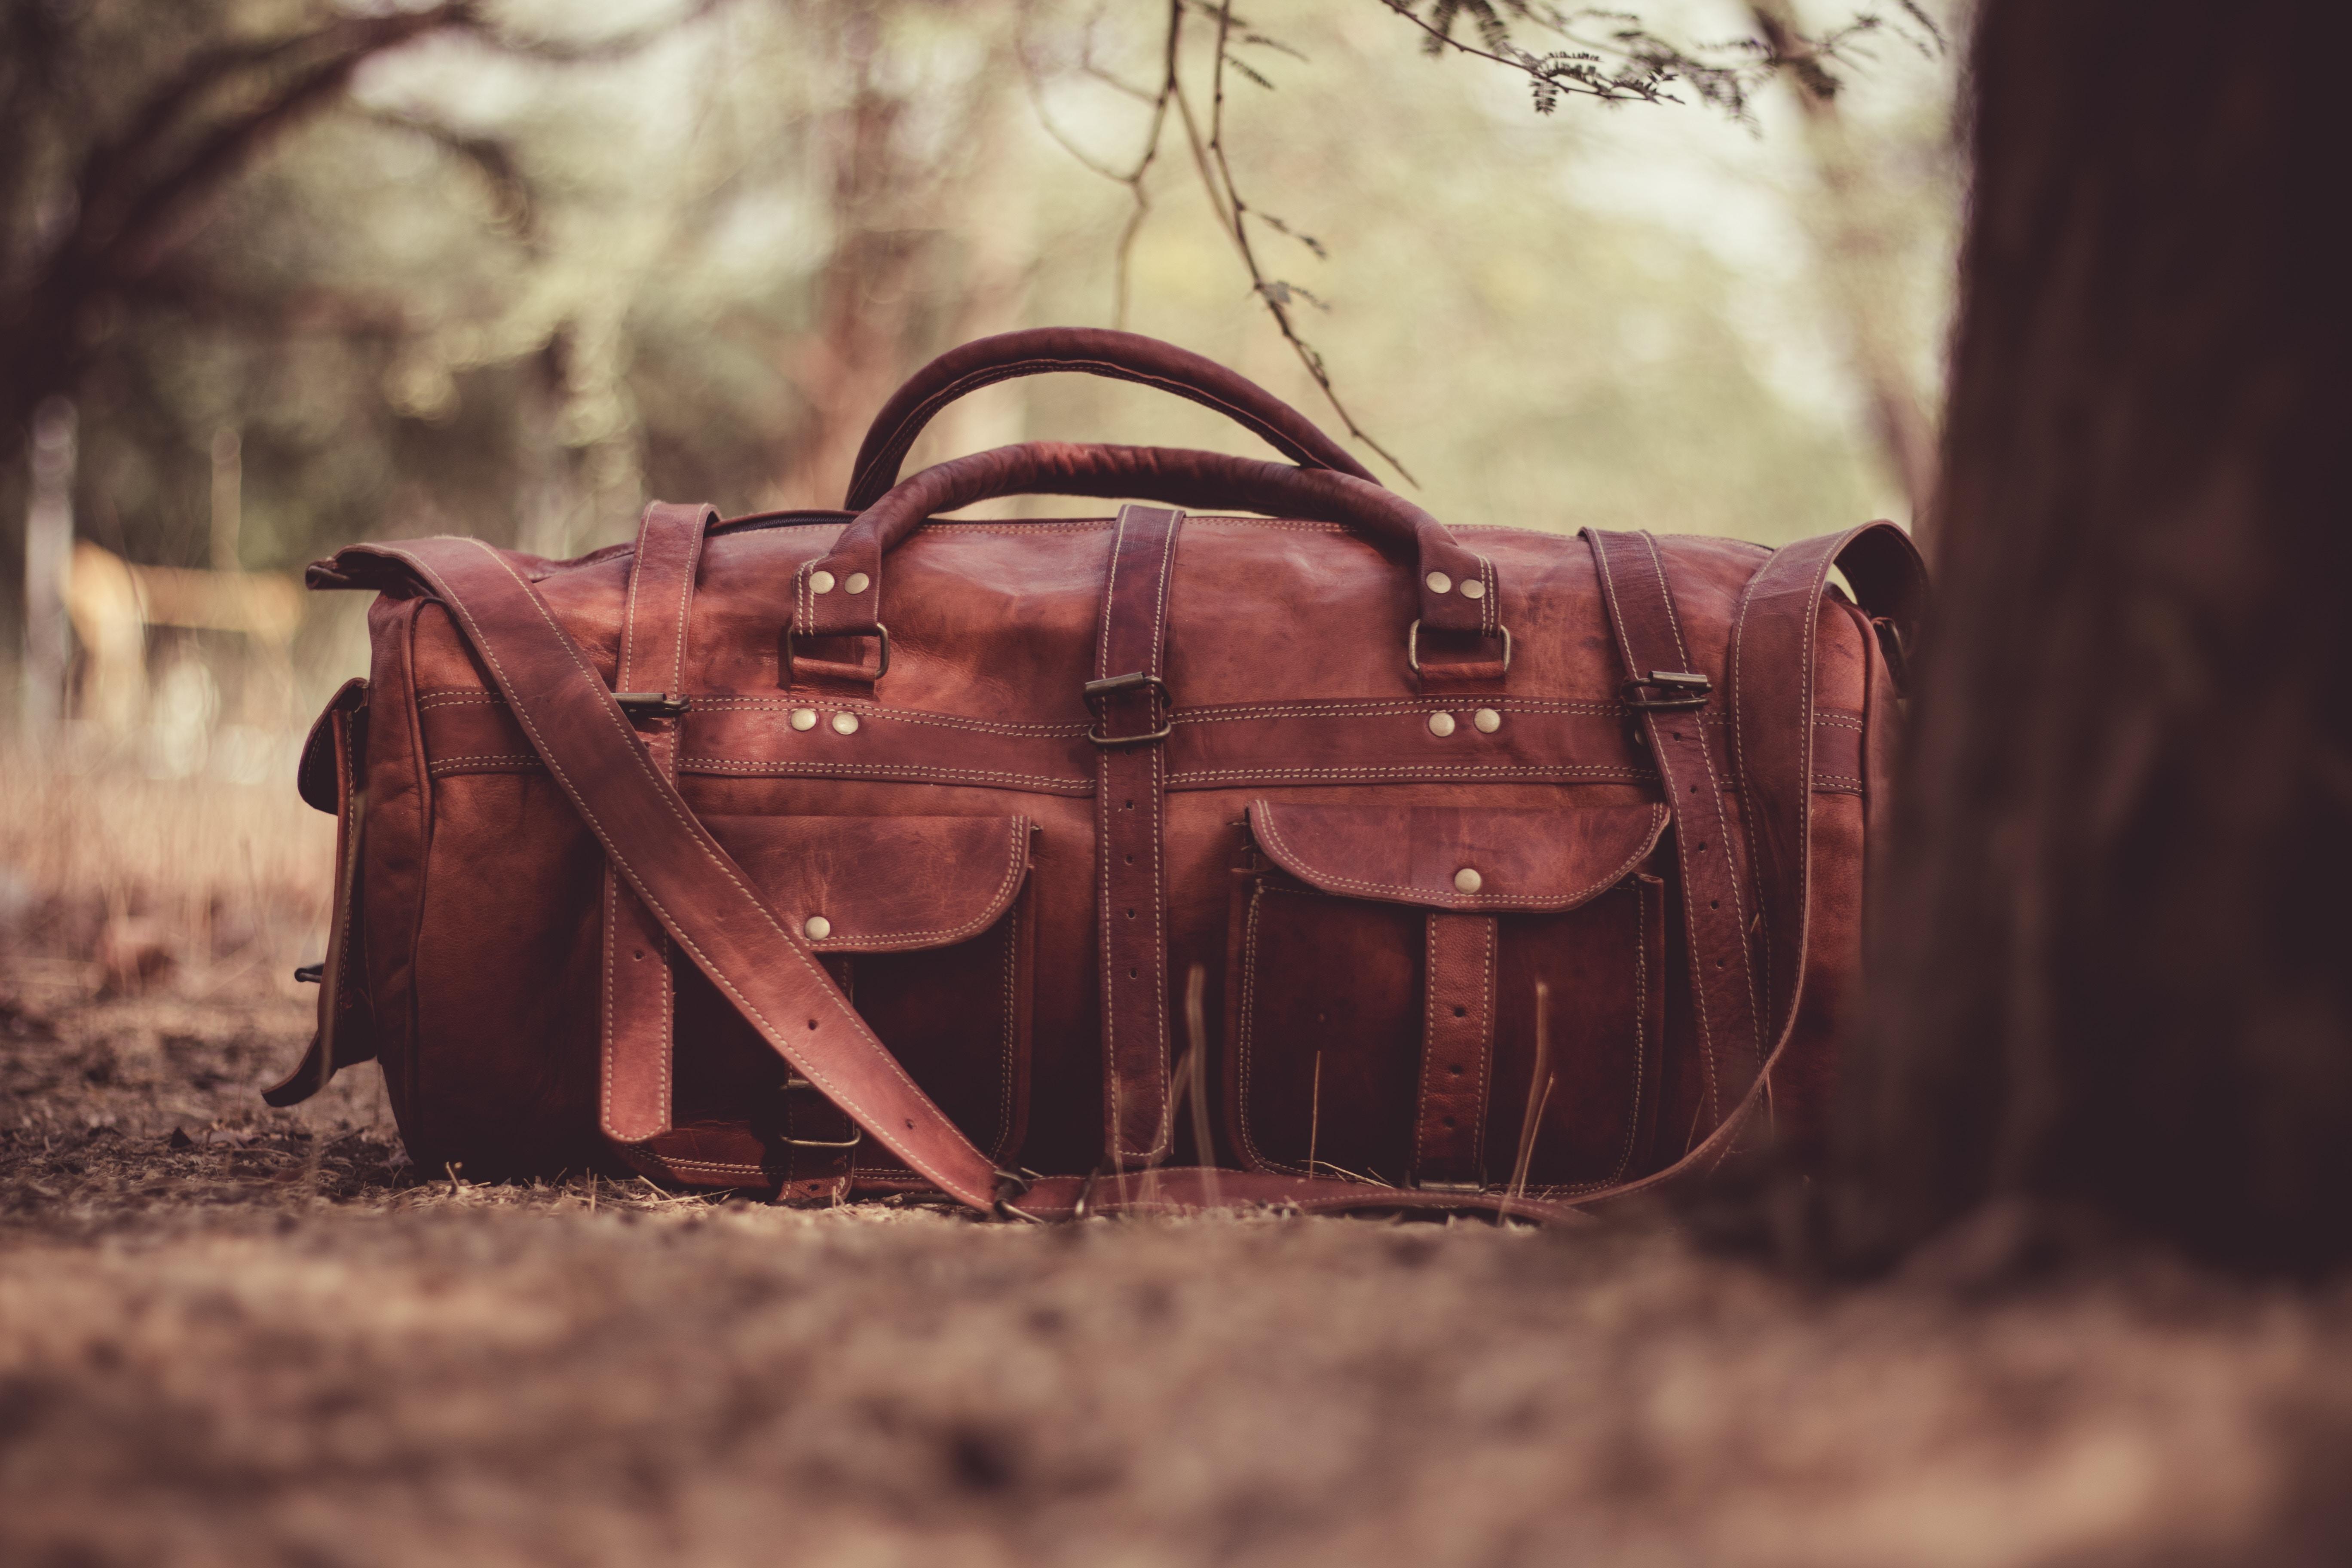 Un suggerimento per viaggiare sostenibile è ridurre al minimo il bagaglio